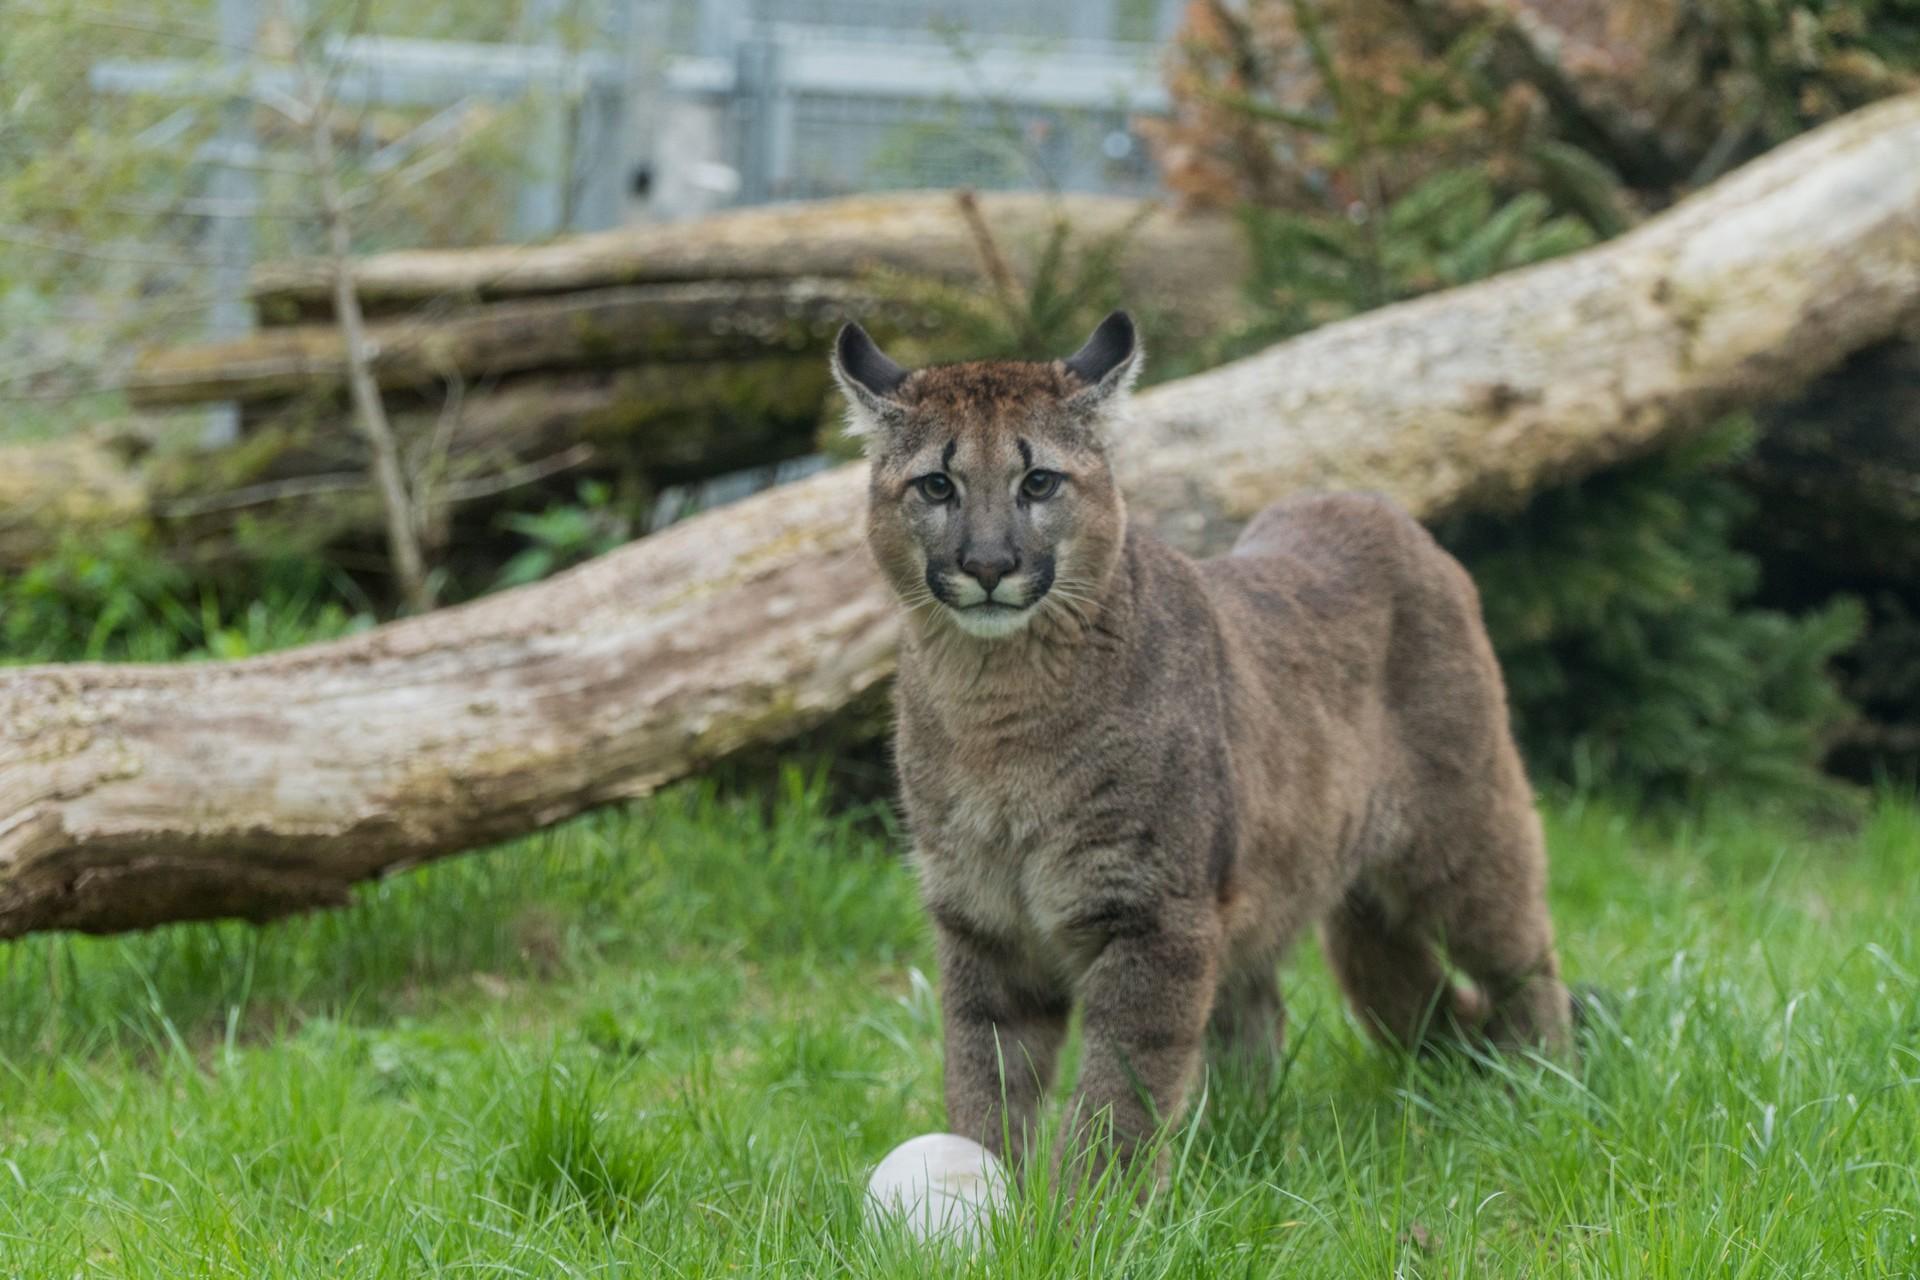 Puma in the enclosure